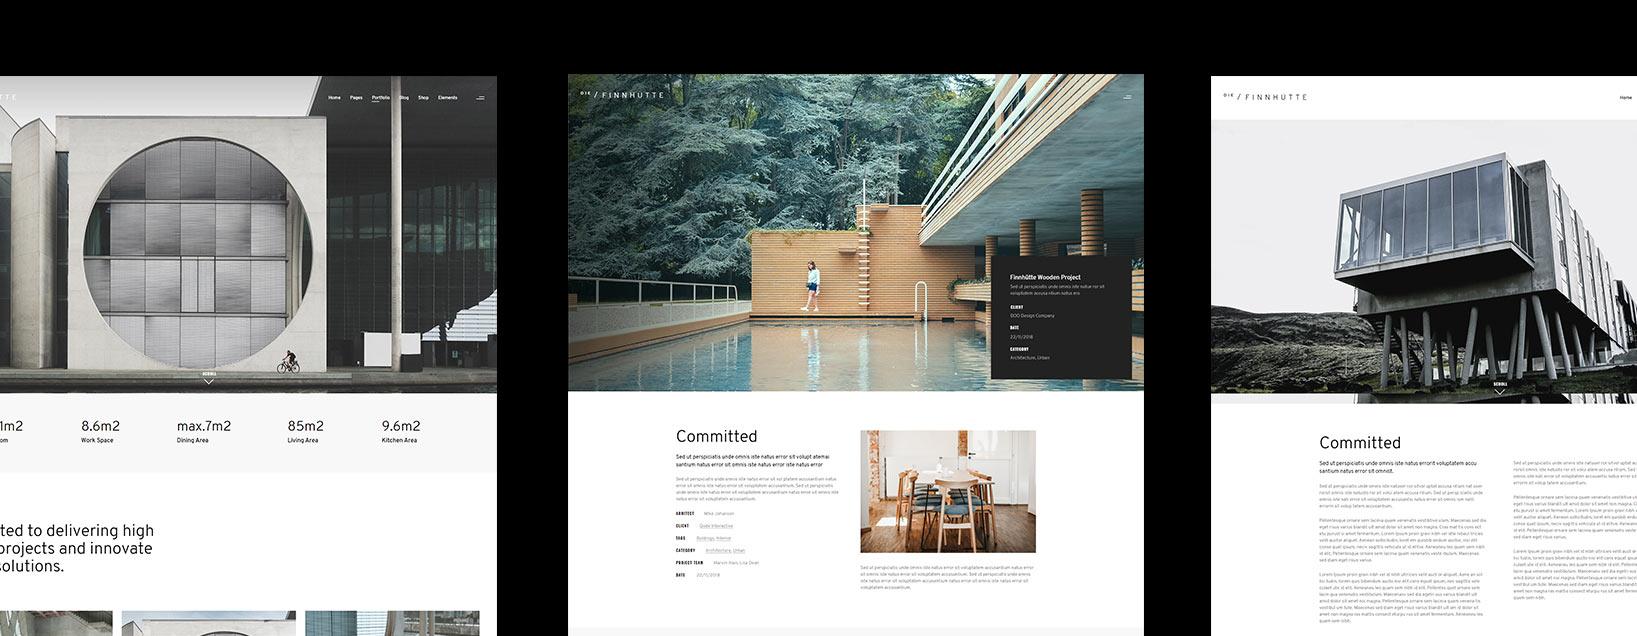 El diseño Die Finnhutte